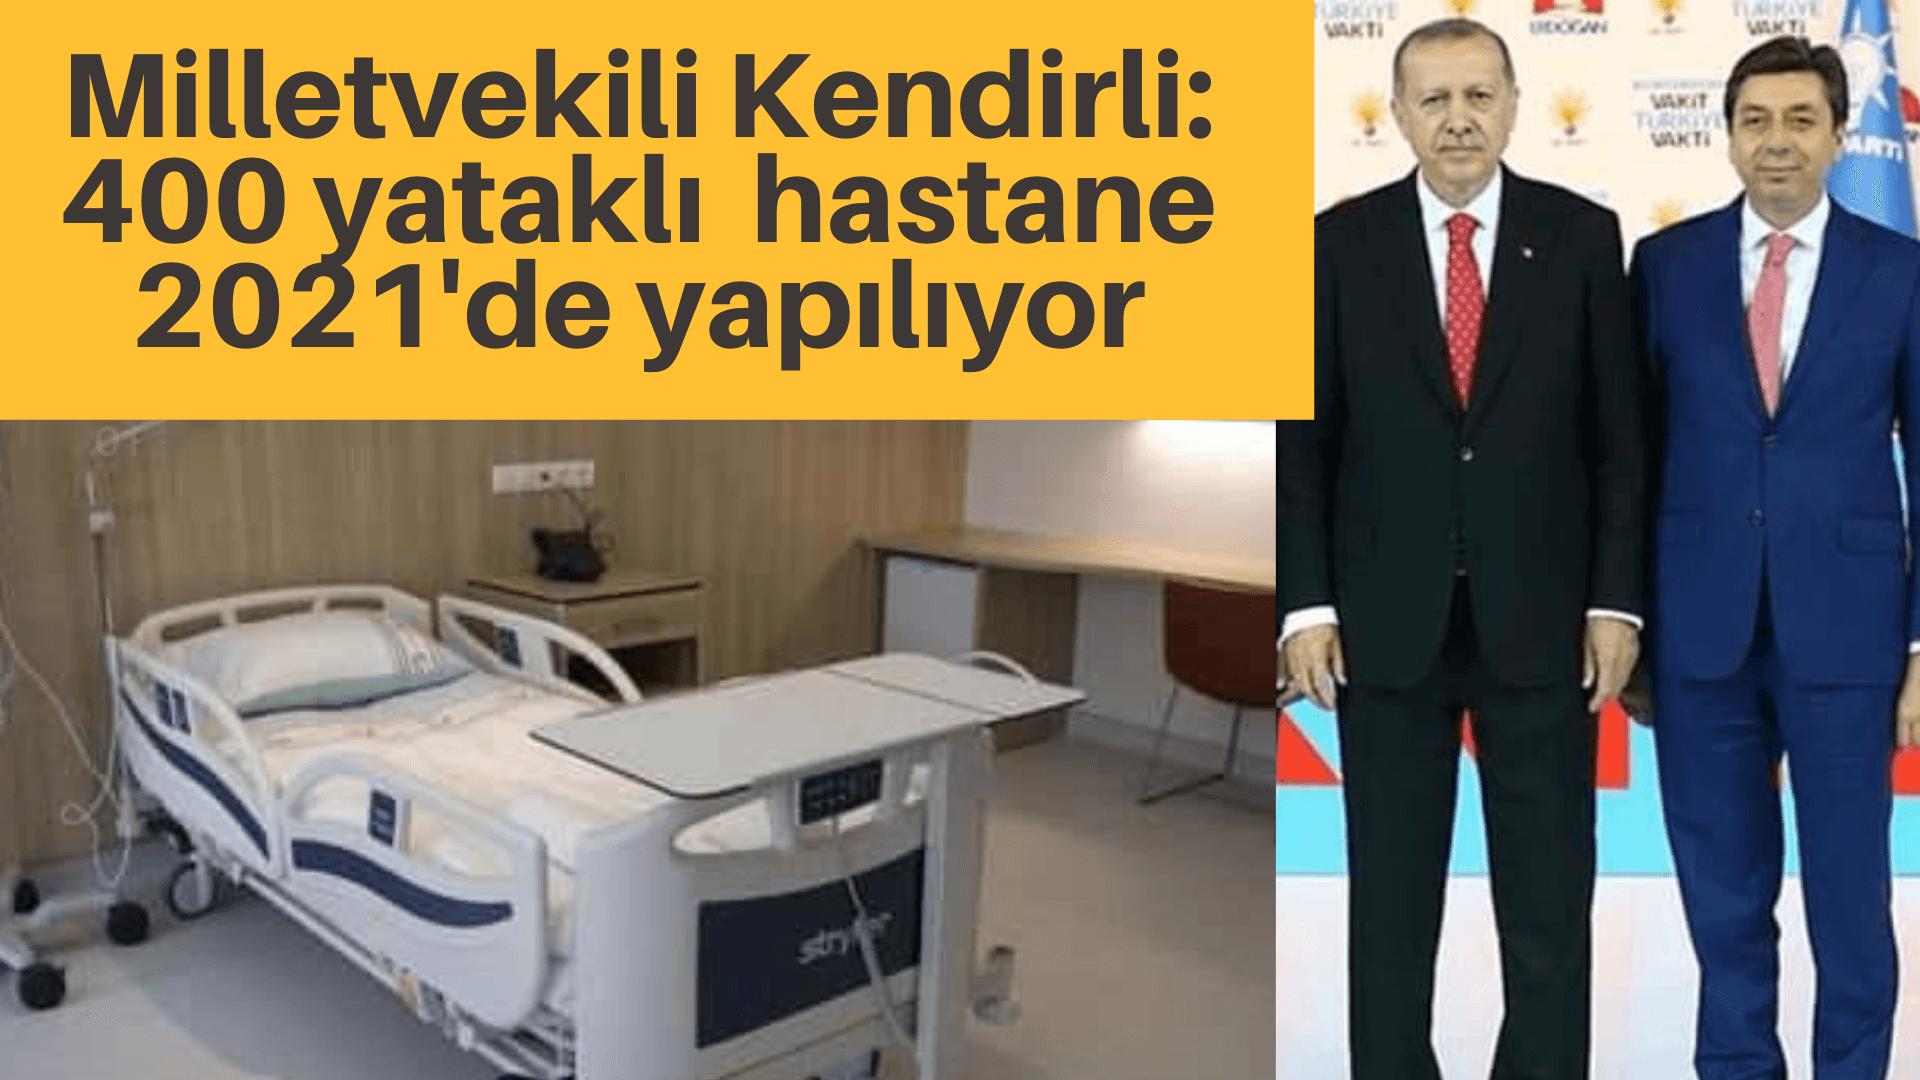 Kendirli: Cumhurbaşkanımız Kırşehir'de 400 yataklı hastaneyi onayladı